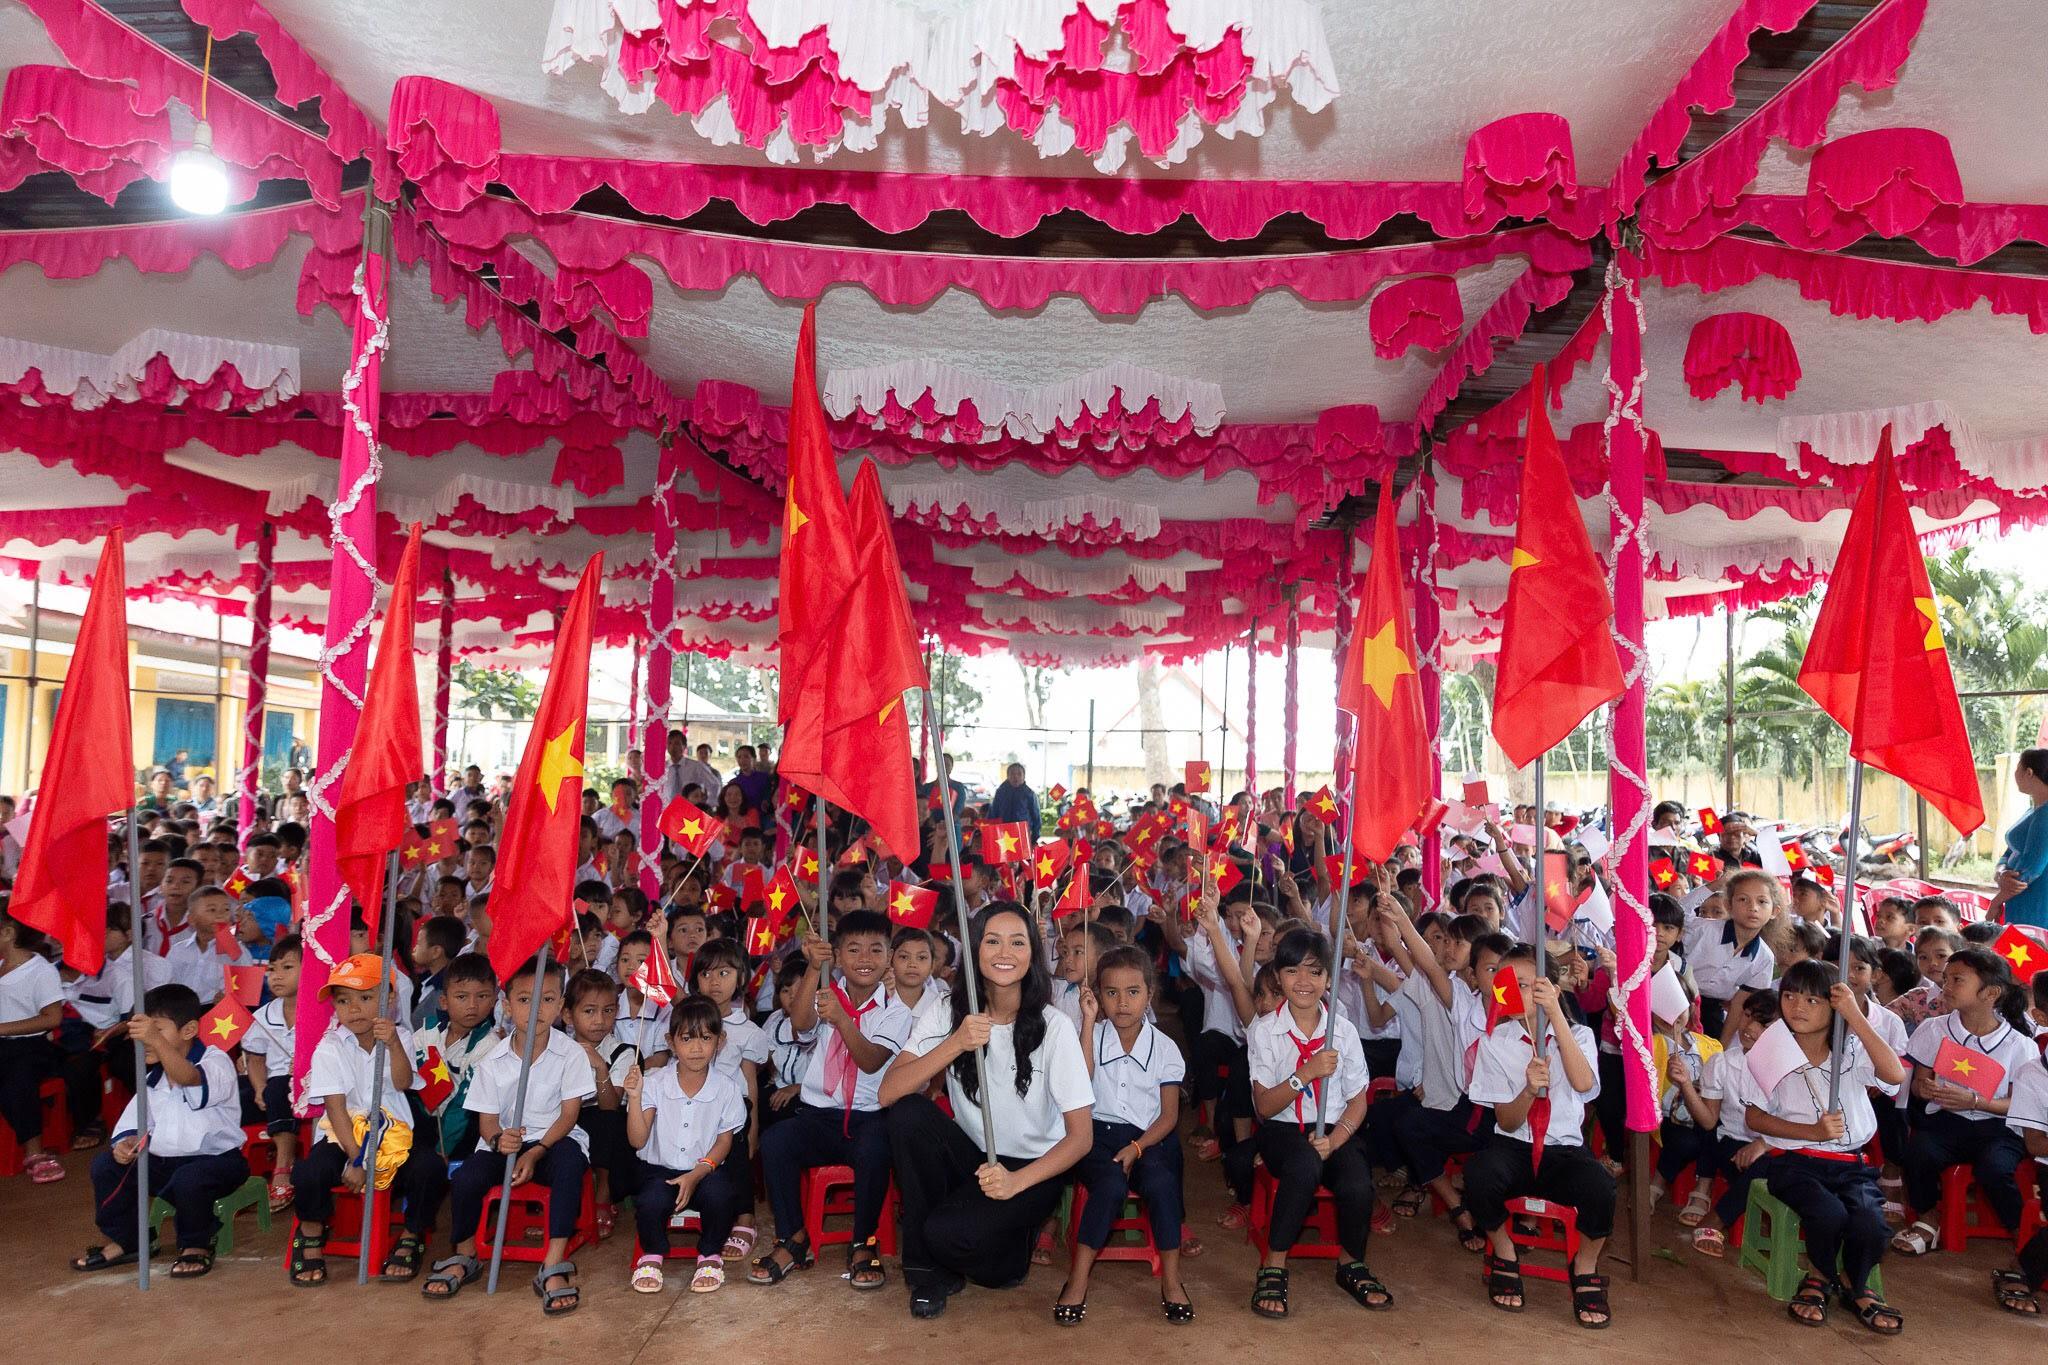 Hoa hau HHen Nie_Xay dung thu vien Room To Read tai Dak Lak (5)